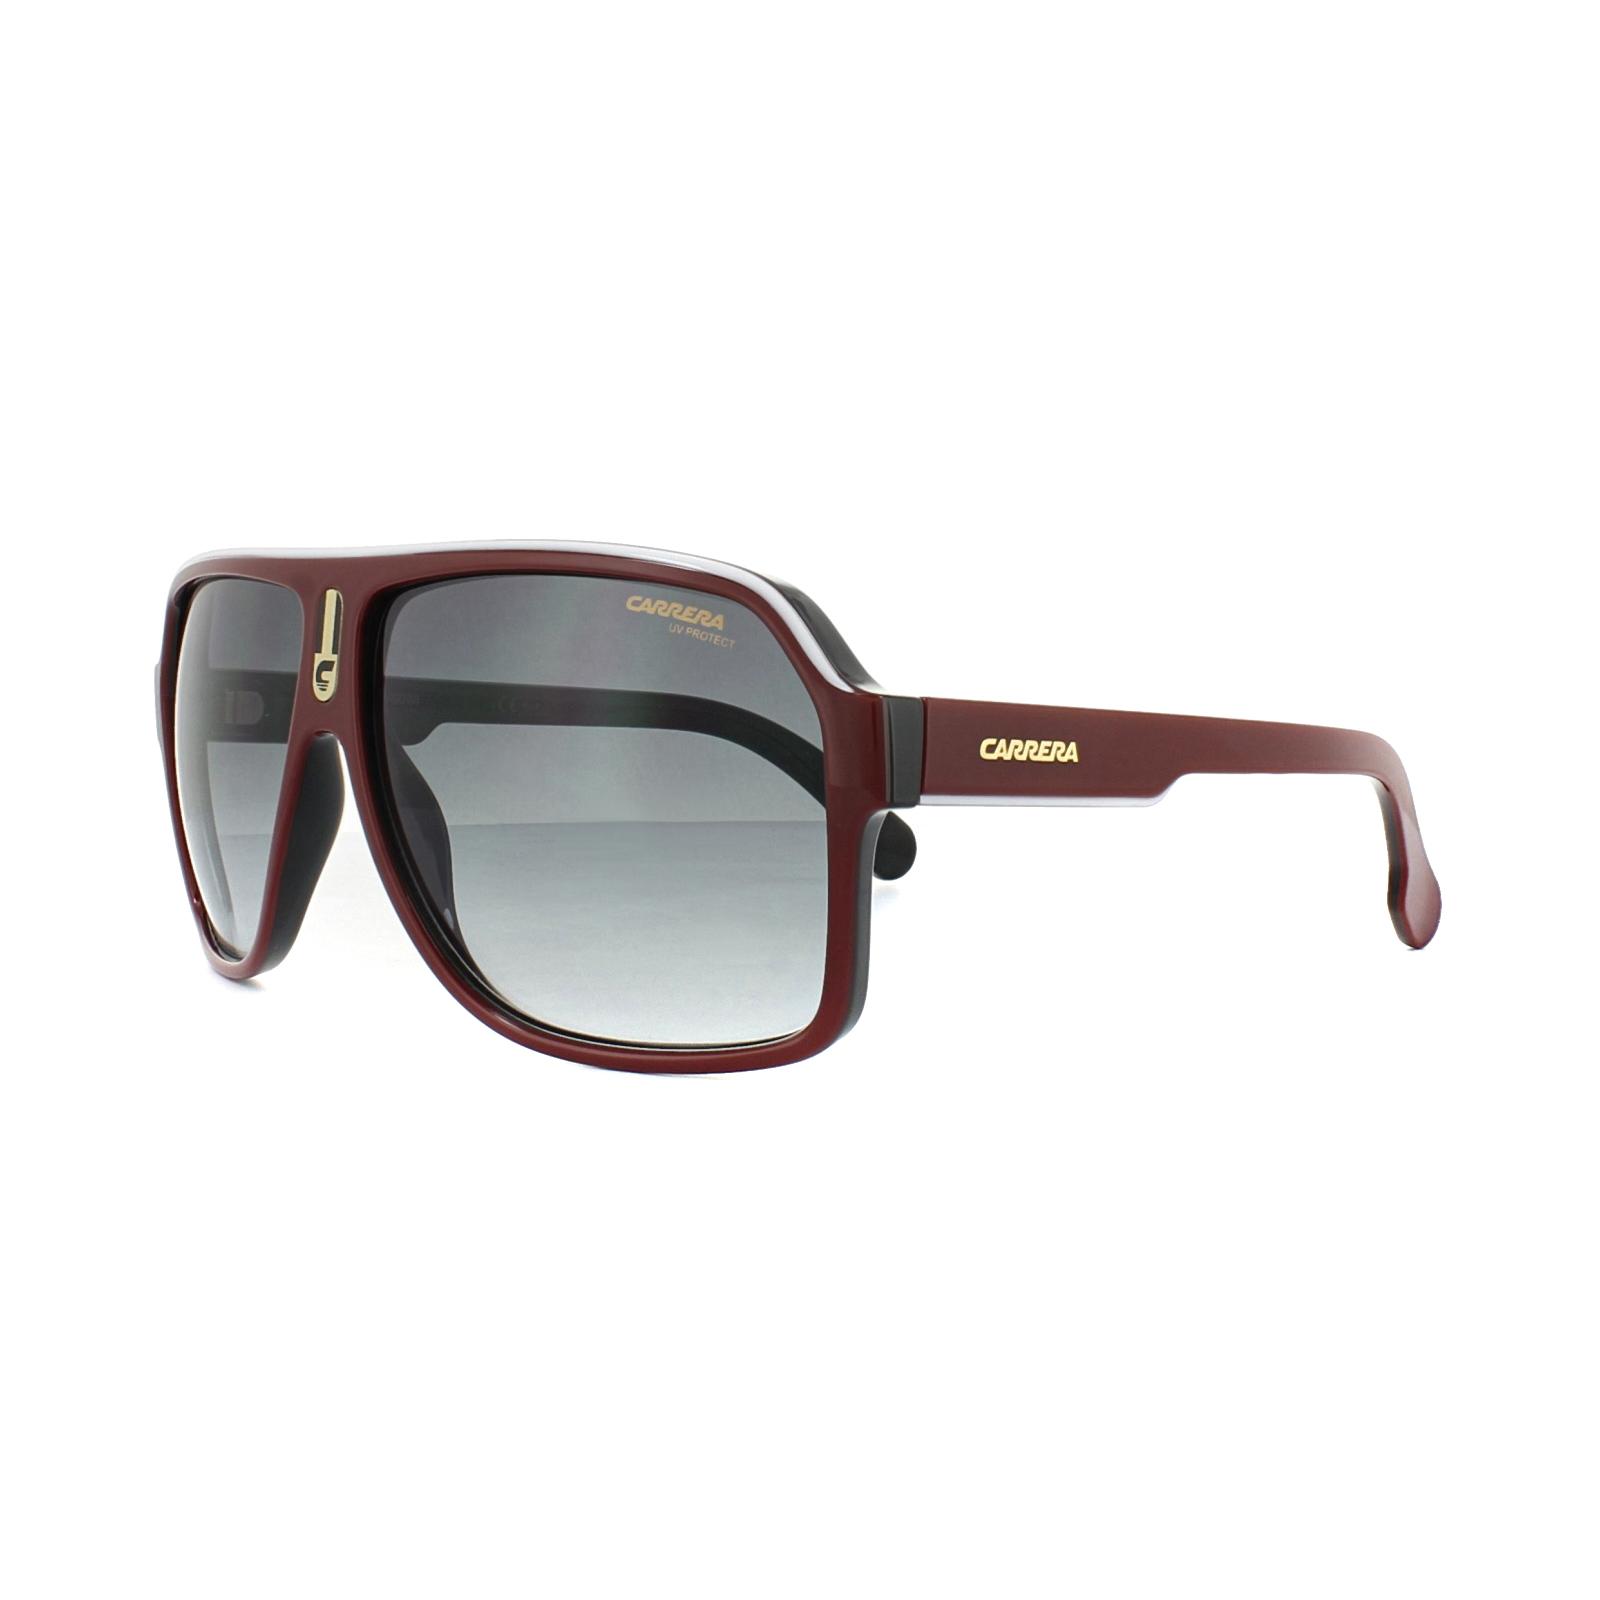 Sentinel Carrera Sunglasses 1001 S 0A4 9O Red Black Dark Grey Gradient 29fc8fa08dcf